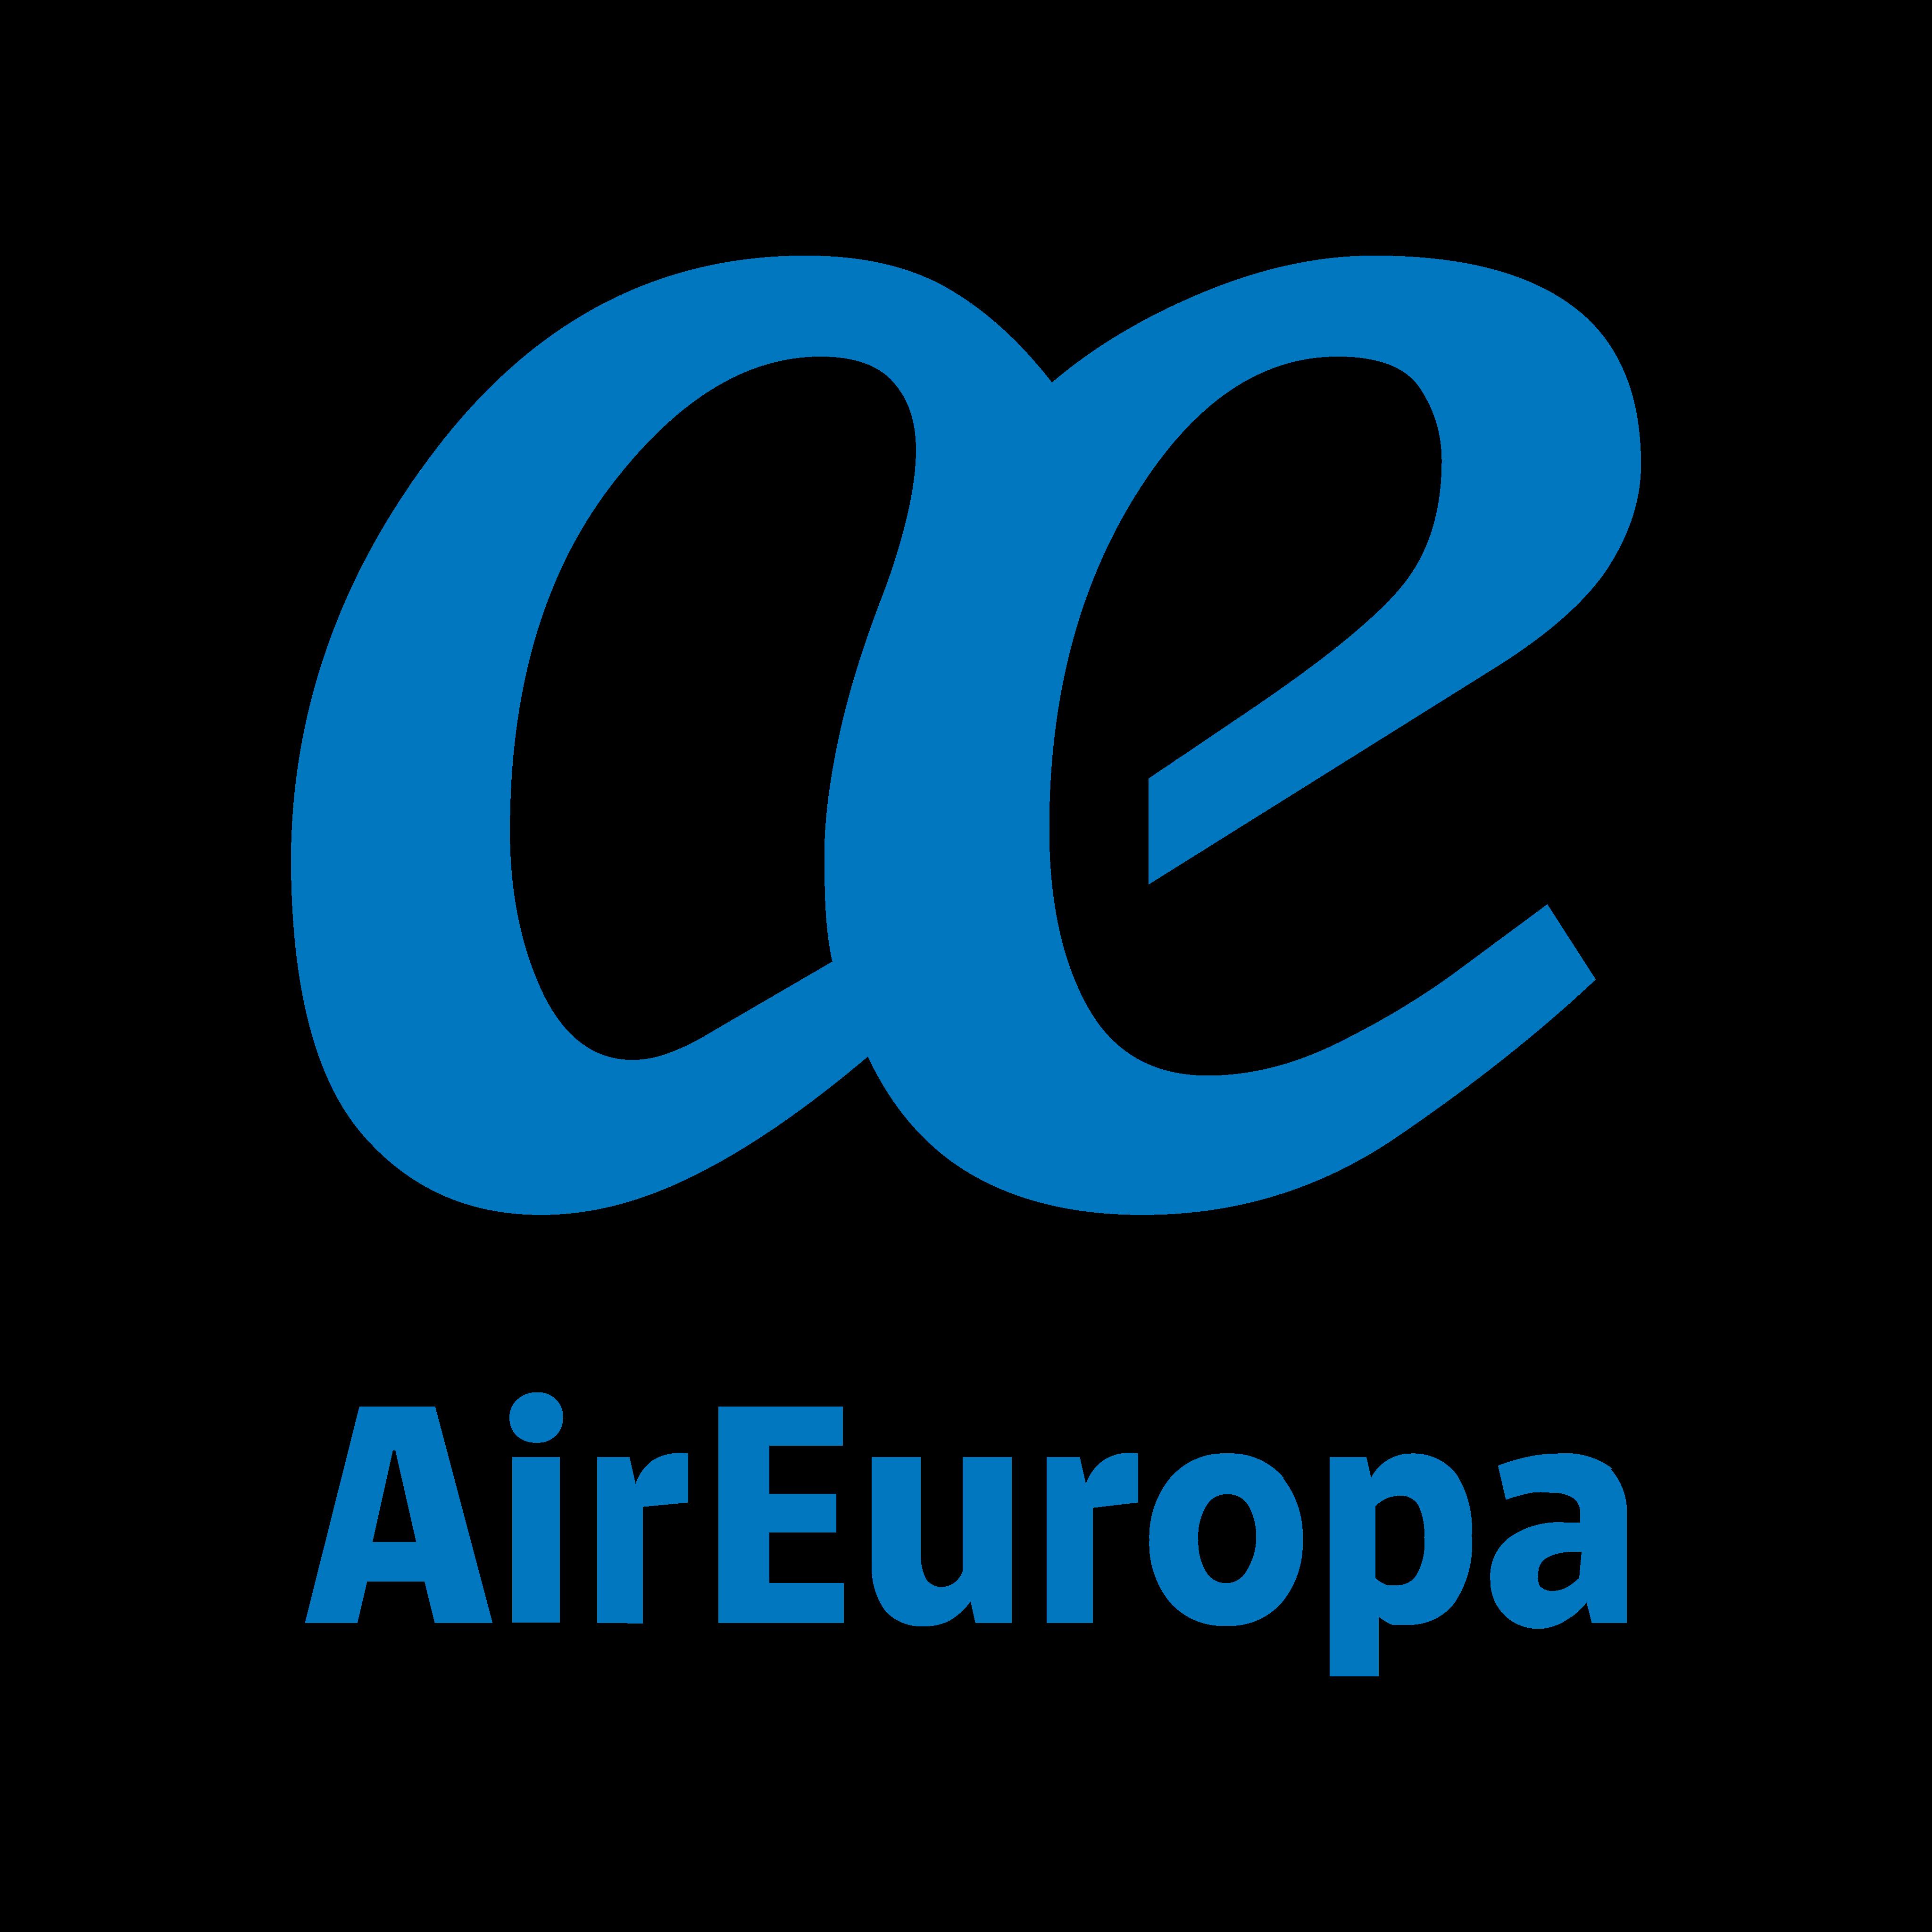 air europa logo 0 - Air Europa Logo